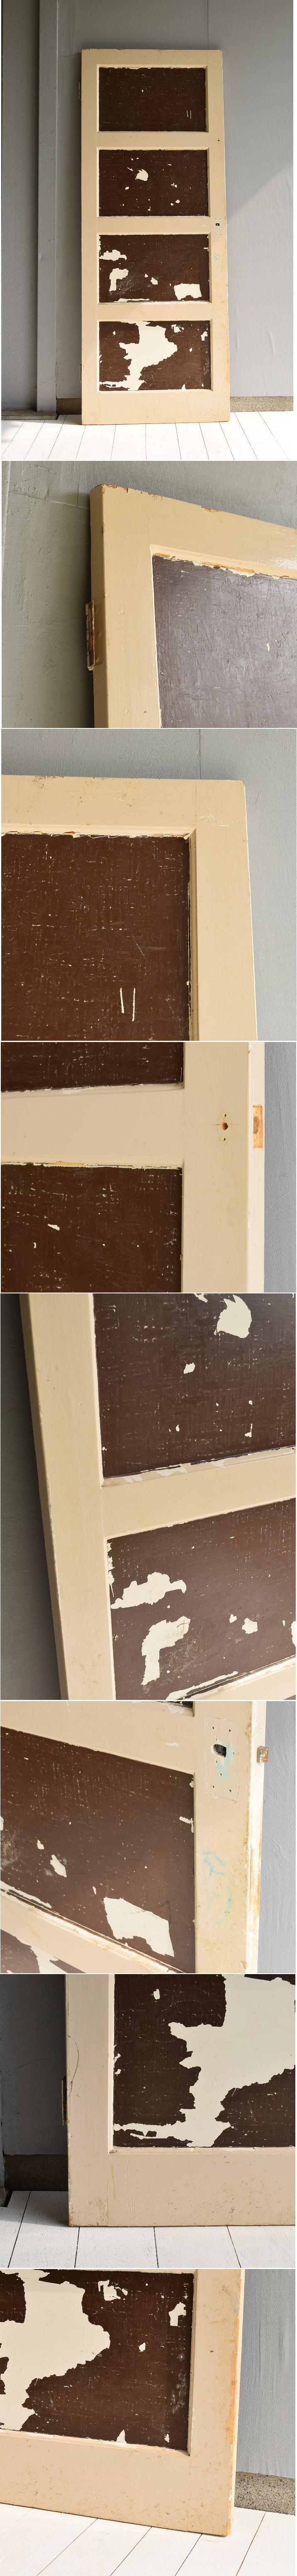 イギリス アンティーク 木製ドア 扉 建具 6901